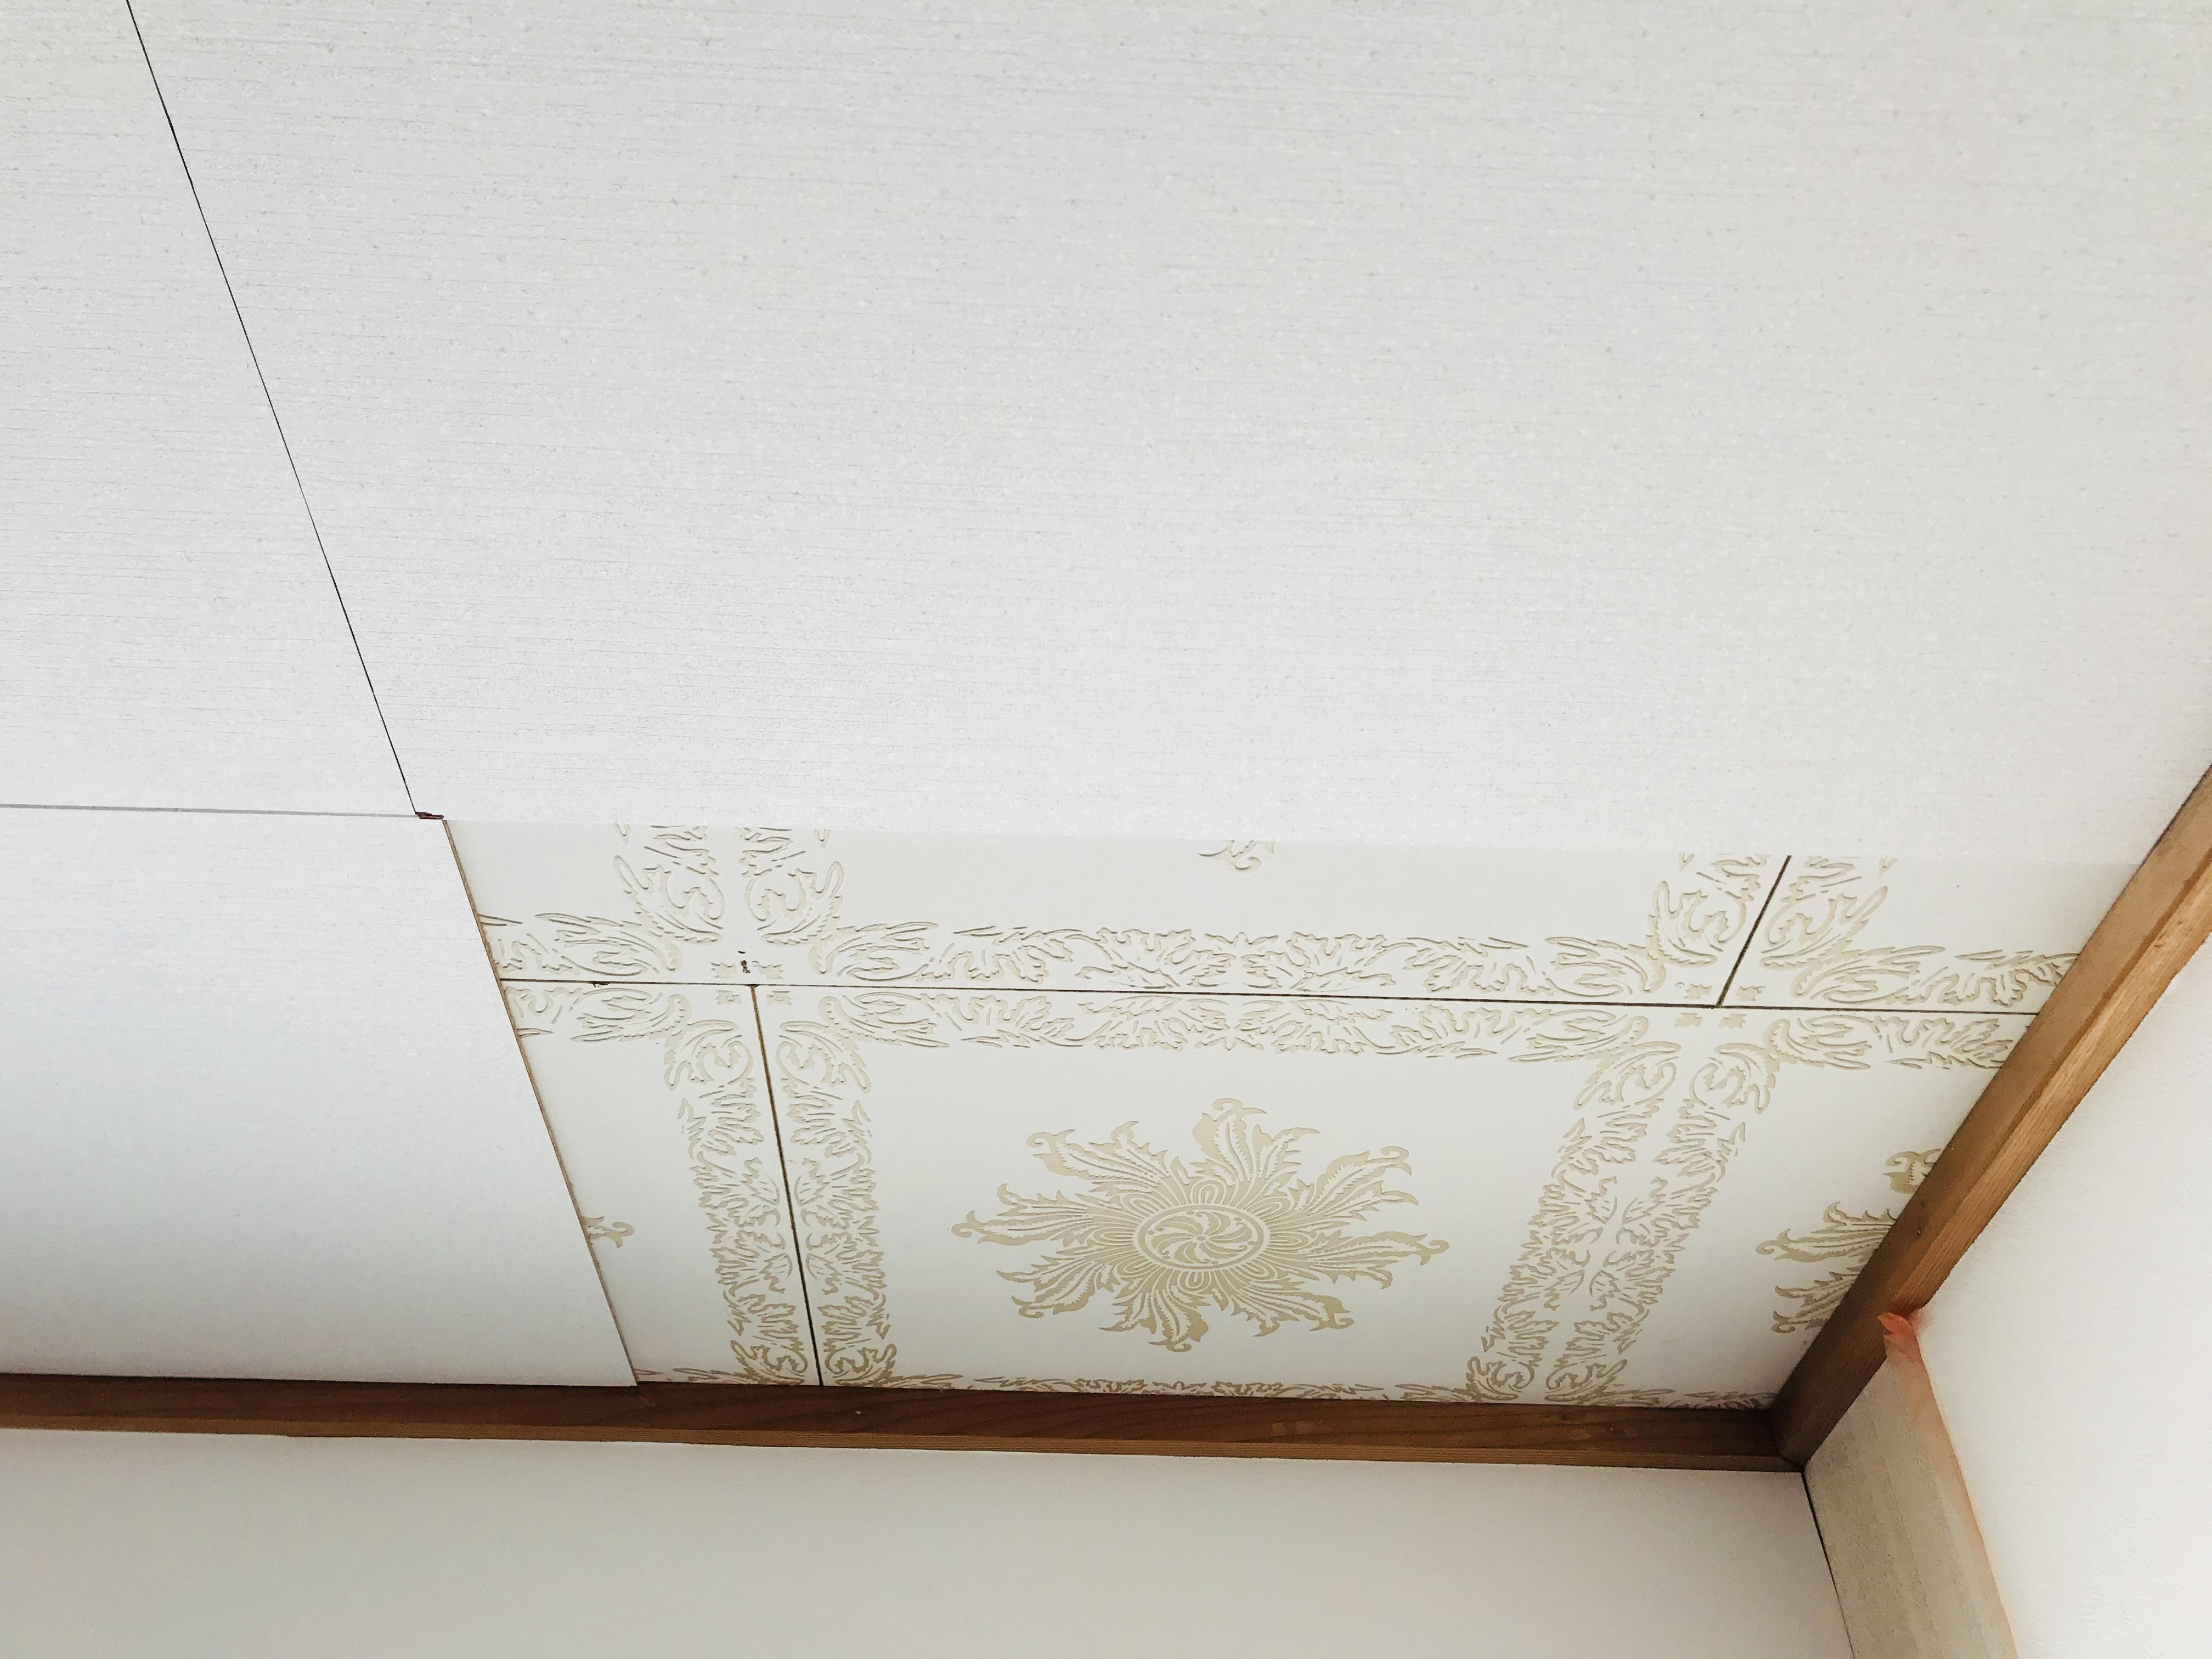 天井に化粧合板を貼る